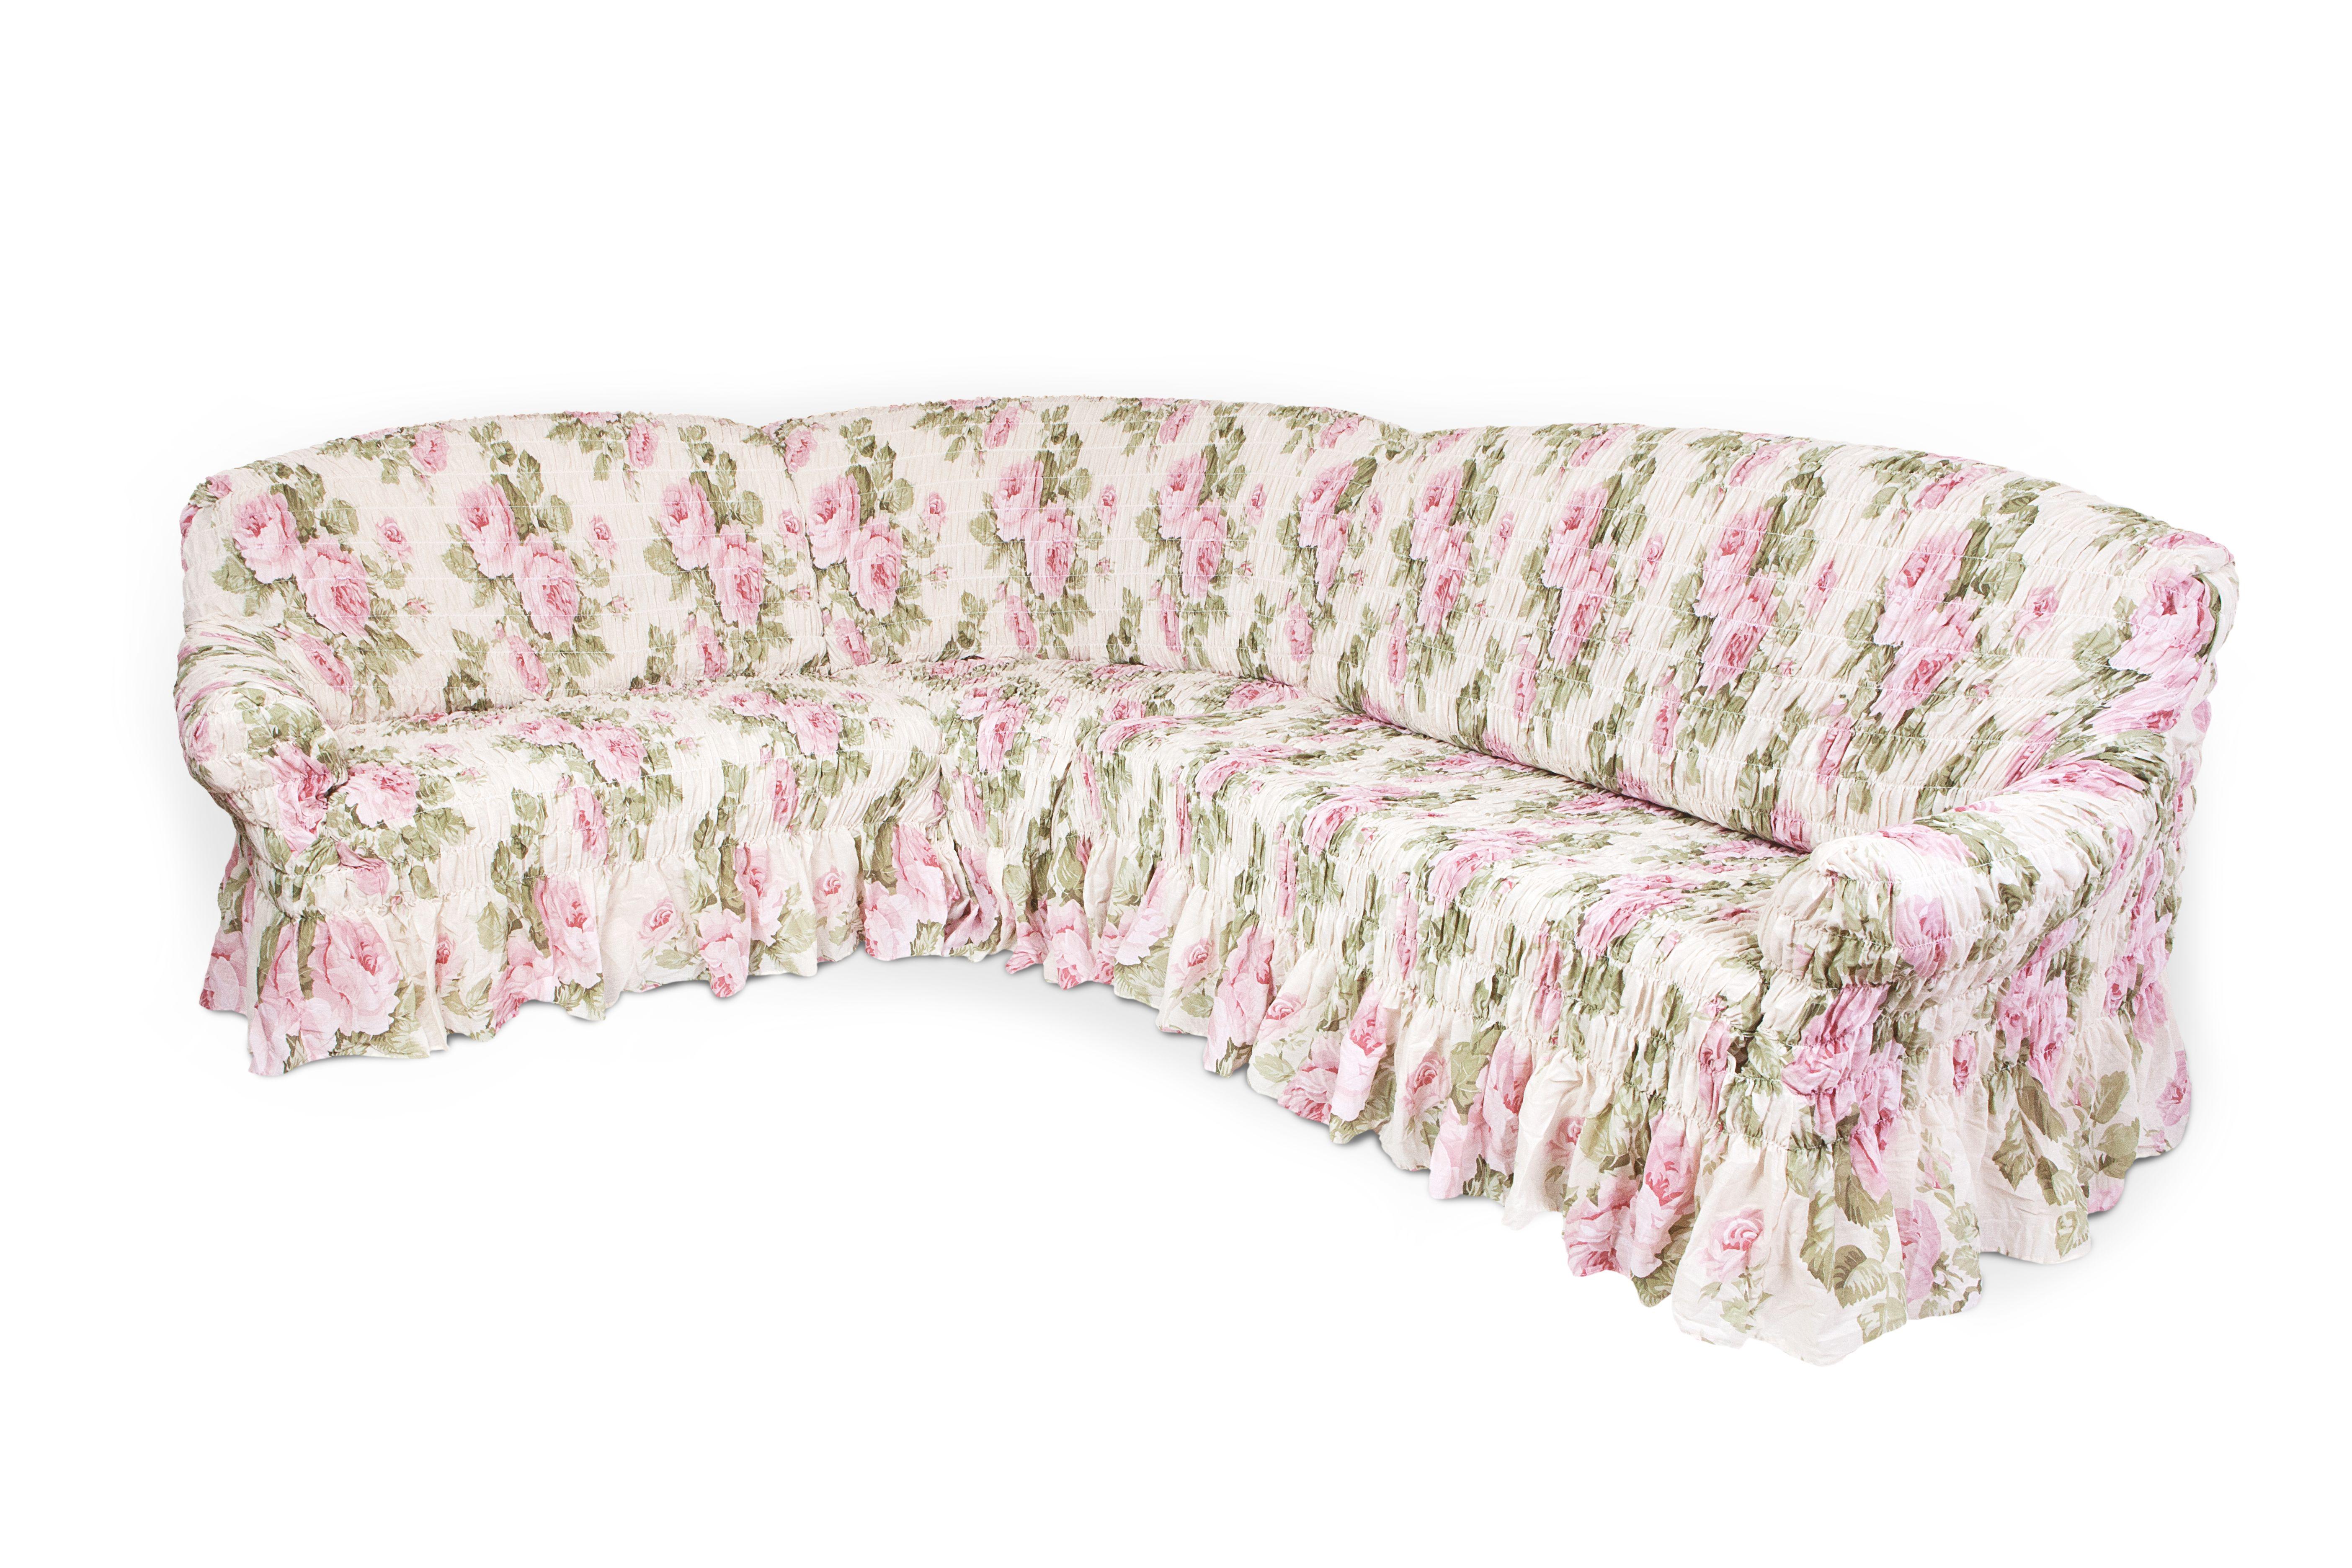 Чехол на угловой диван Еврочехол Фантазия, 380-530 см чехлы для мебели еврочехол еврочехол плиссе лен на кресло